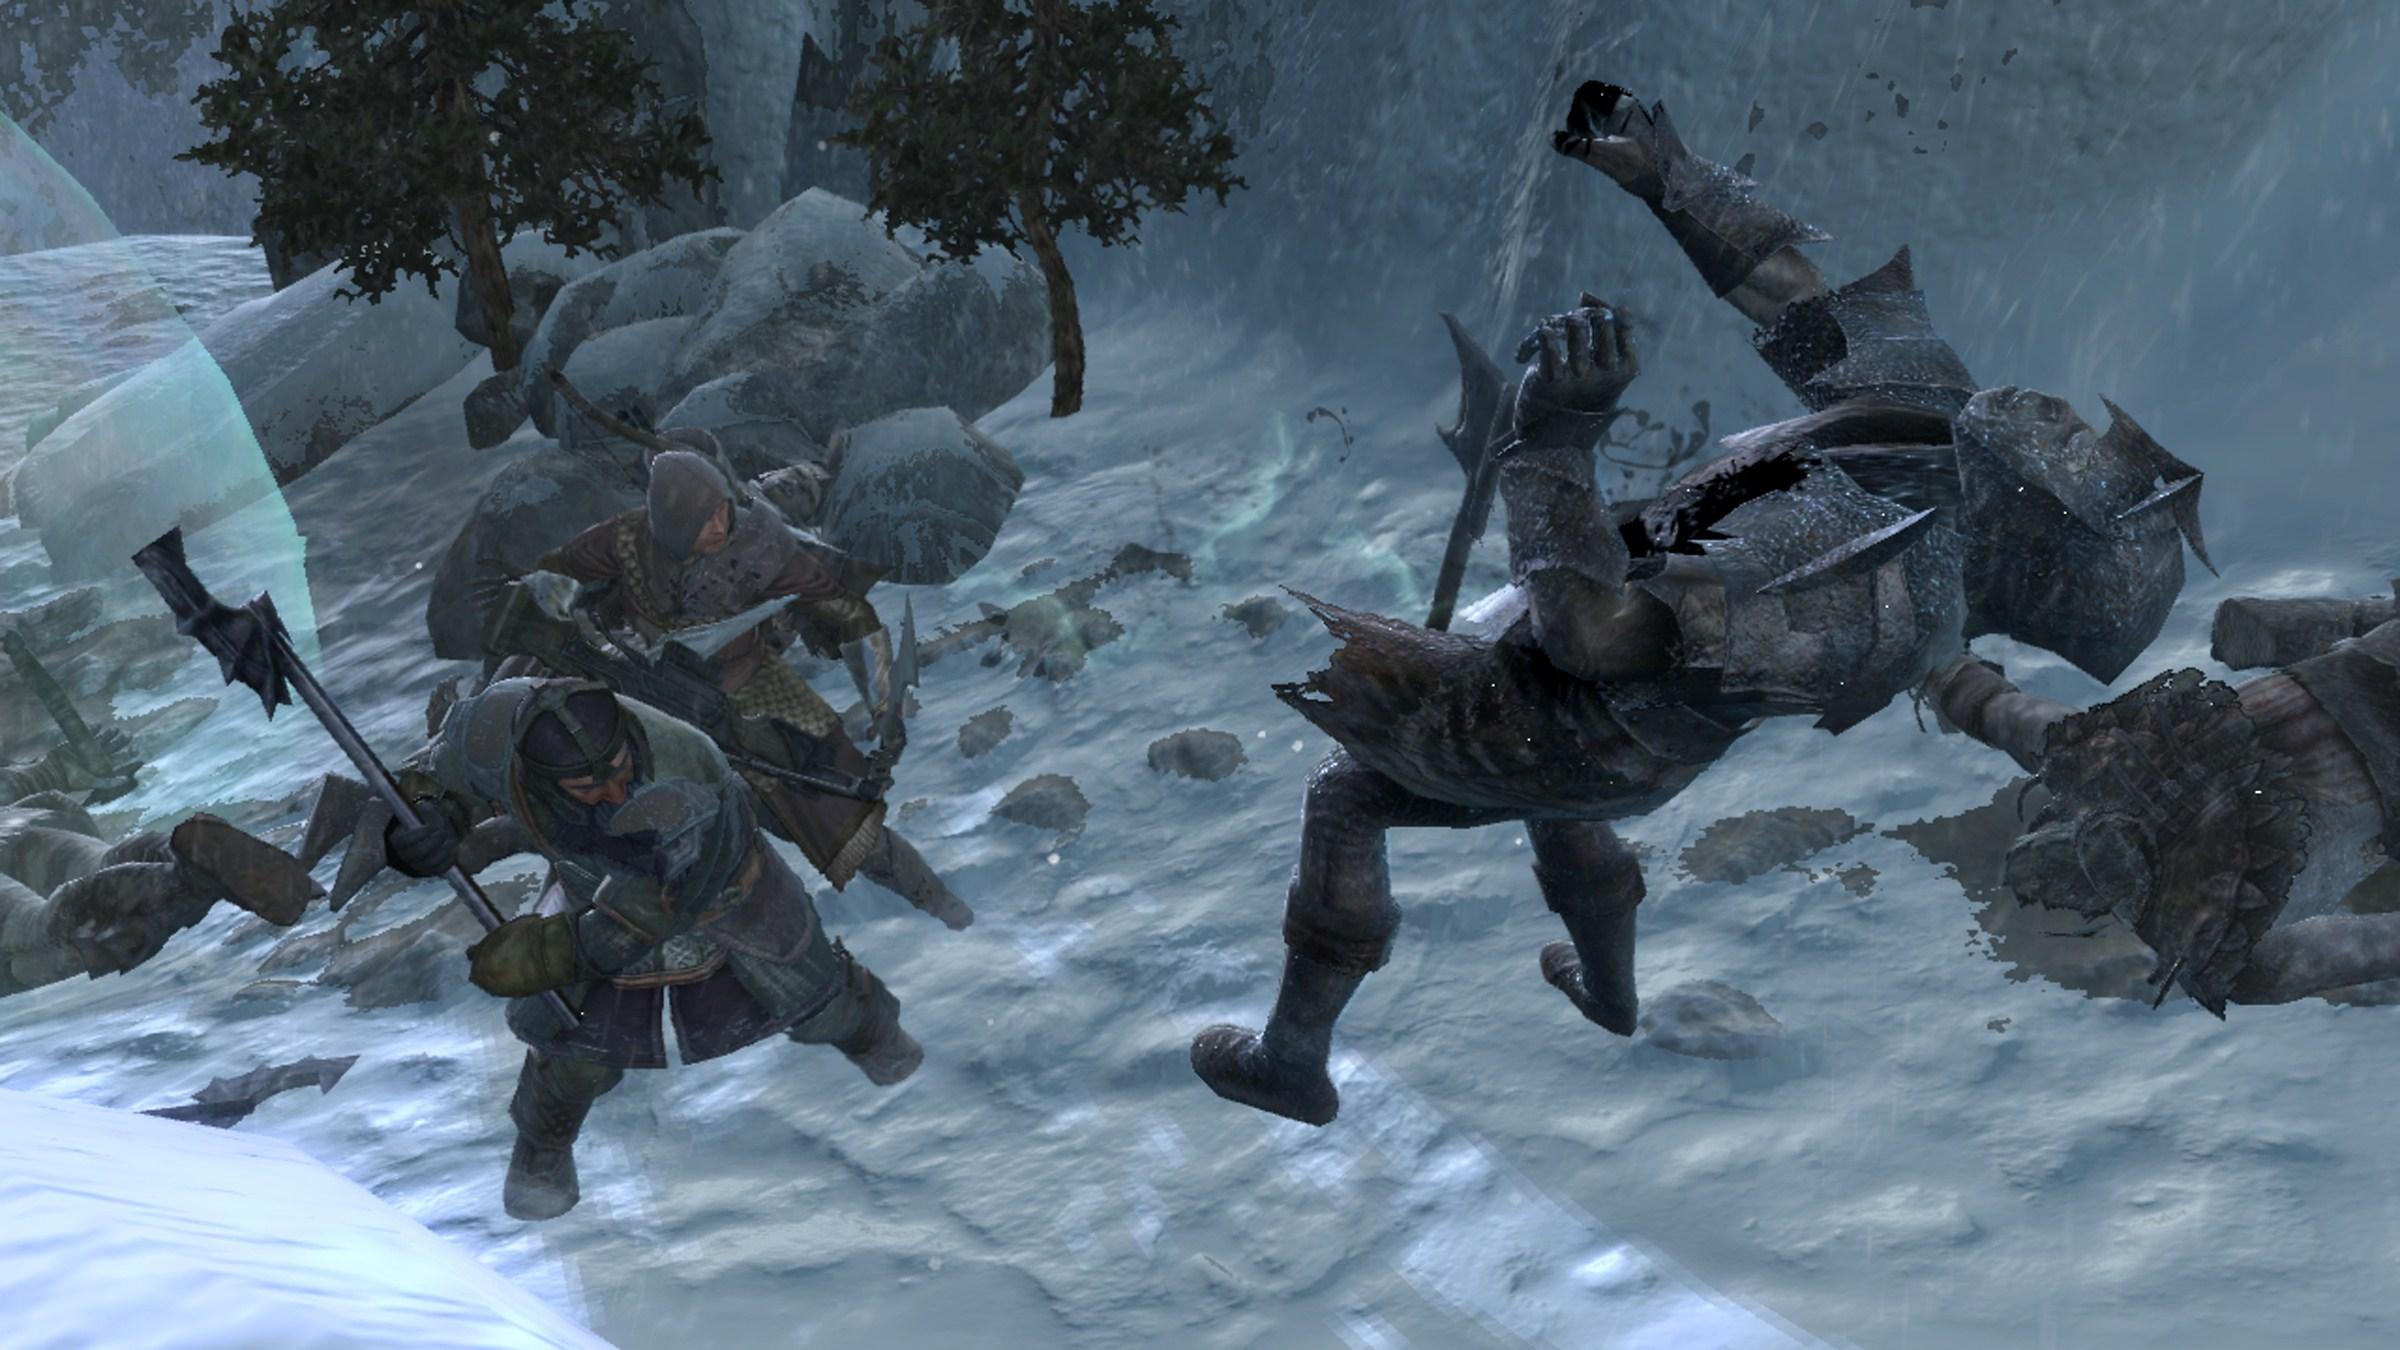 Il Signore degli Anelli: La Guerra del Nord - Battaglie sulla neve